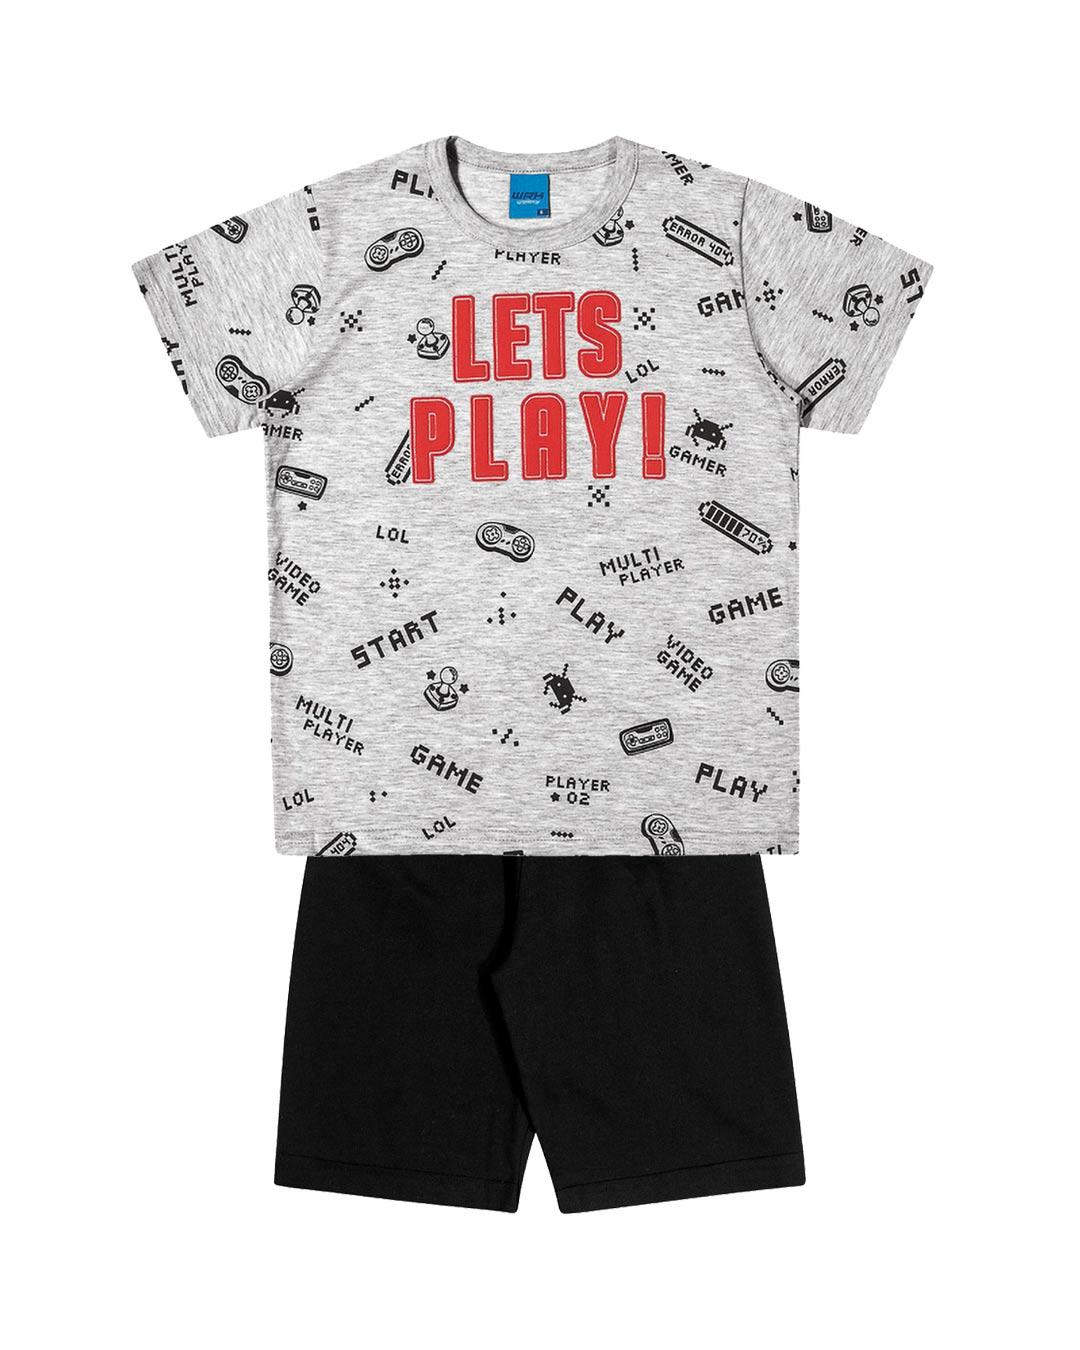 Conjunto Infantil Let's Play - WRK